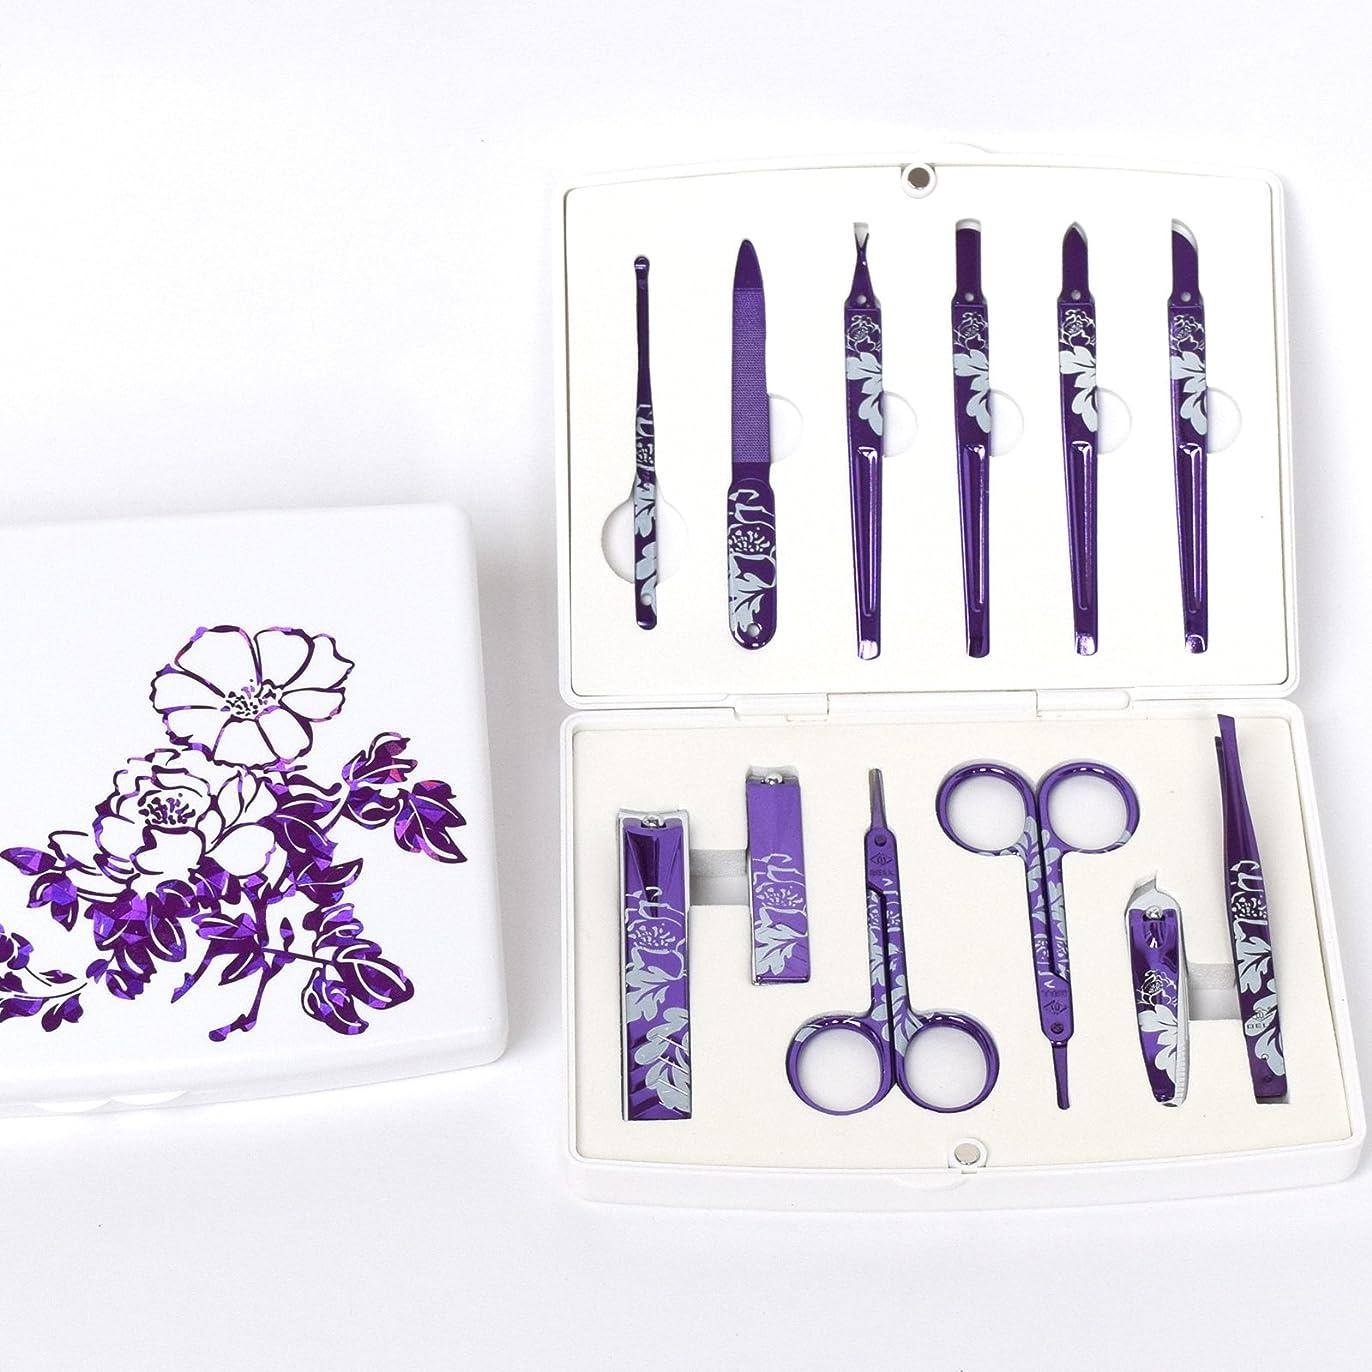 ピストル投獄解放するBELL Manicure Sets BM-500B ポータブル爪の管理セット 爪切りセット 高品質のネイルケアセット高級感のある東洋画のデザイン Portable Nail Clippers Nail Care Set